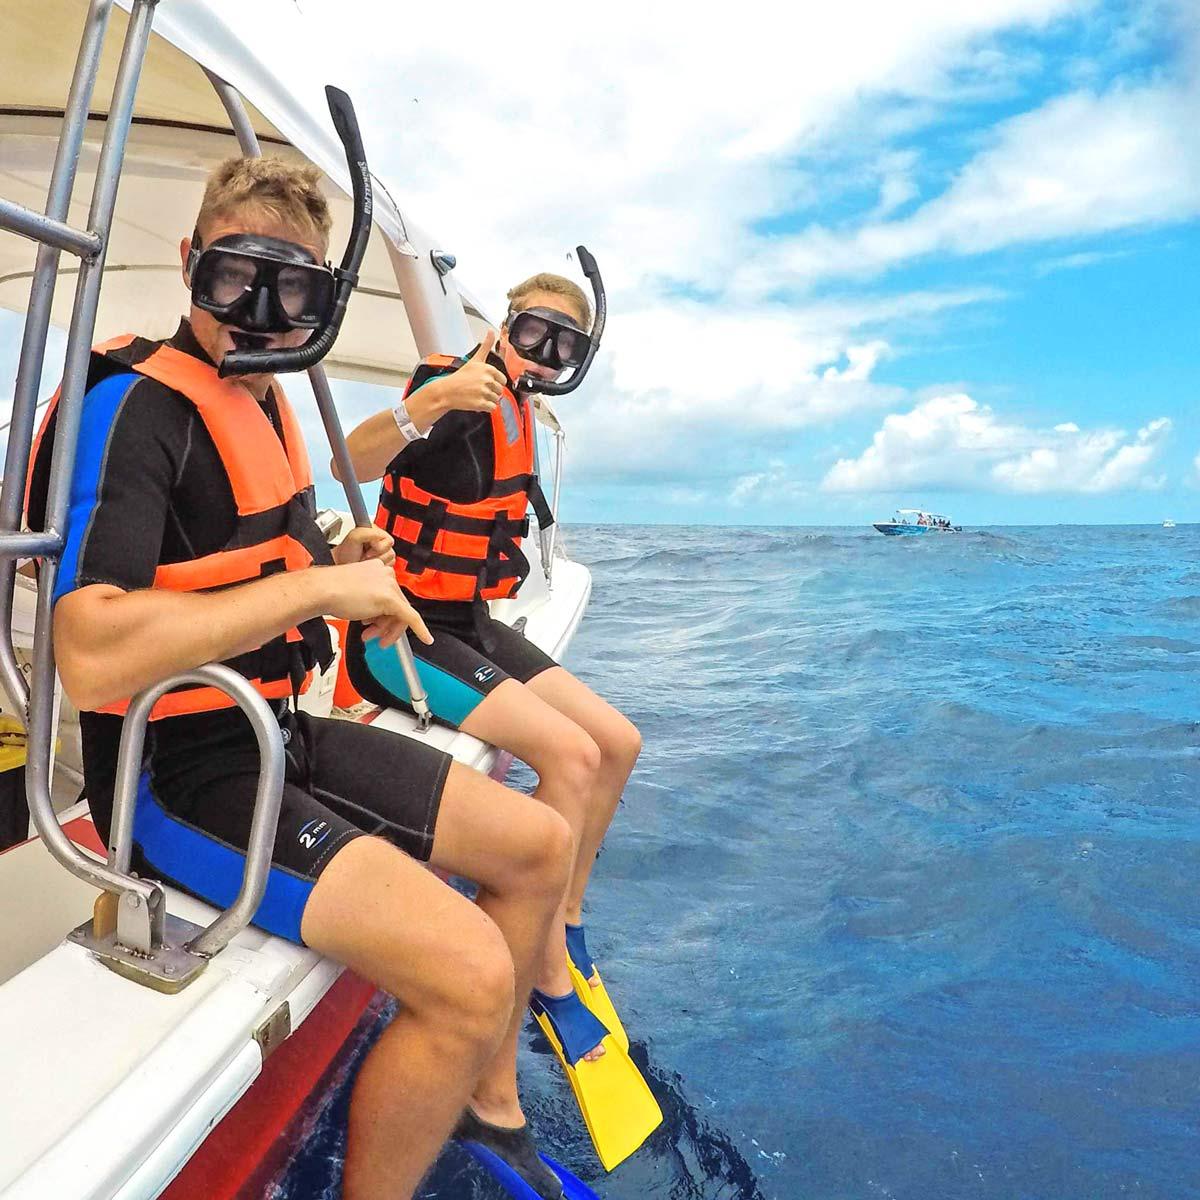 Schnorchel Sprung vom Boot